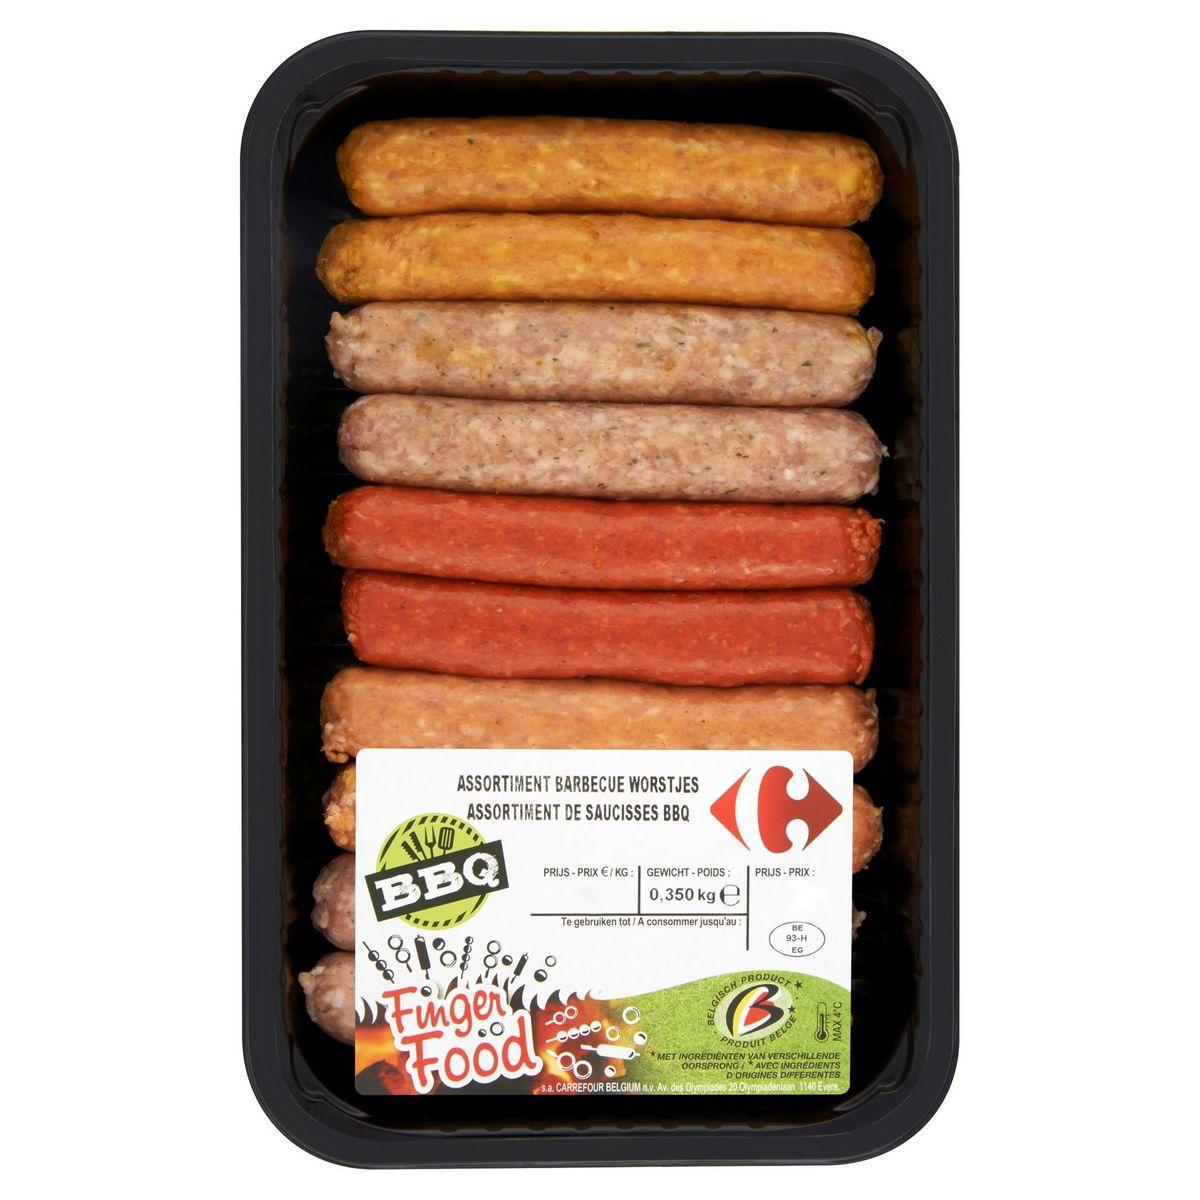 Carrefour Assortiment de Saucisses BBQ 0.350 kg